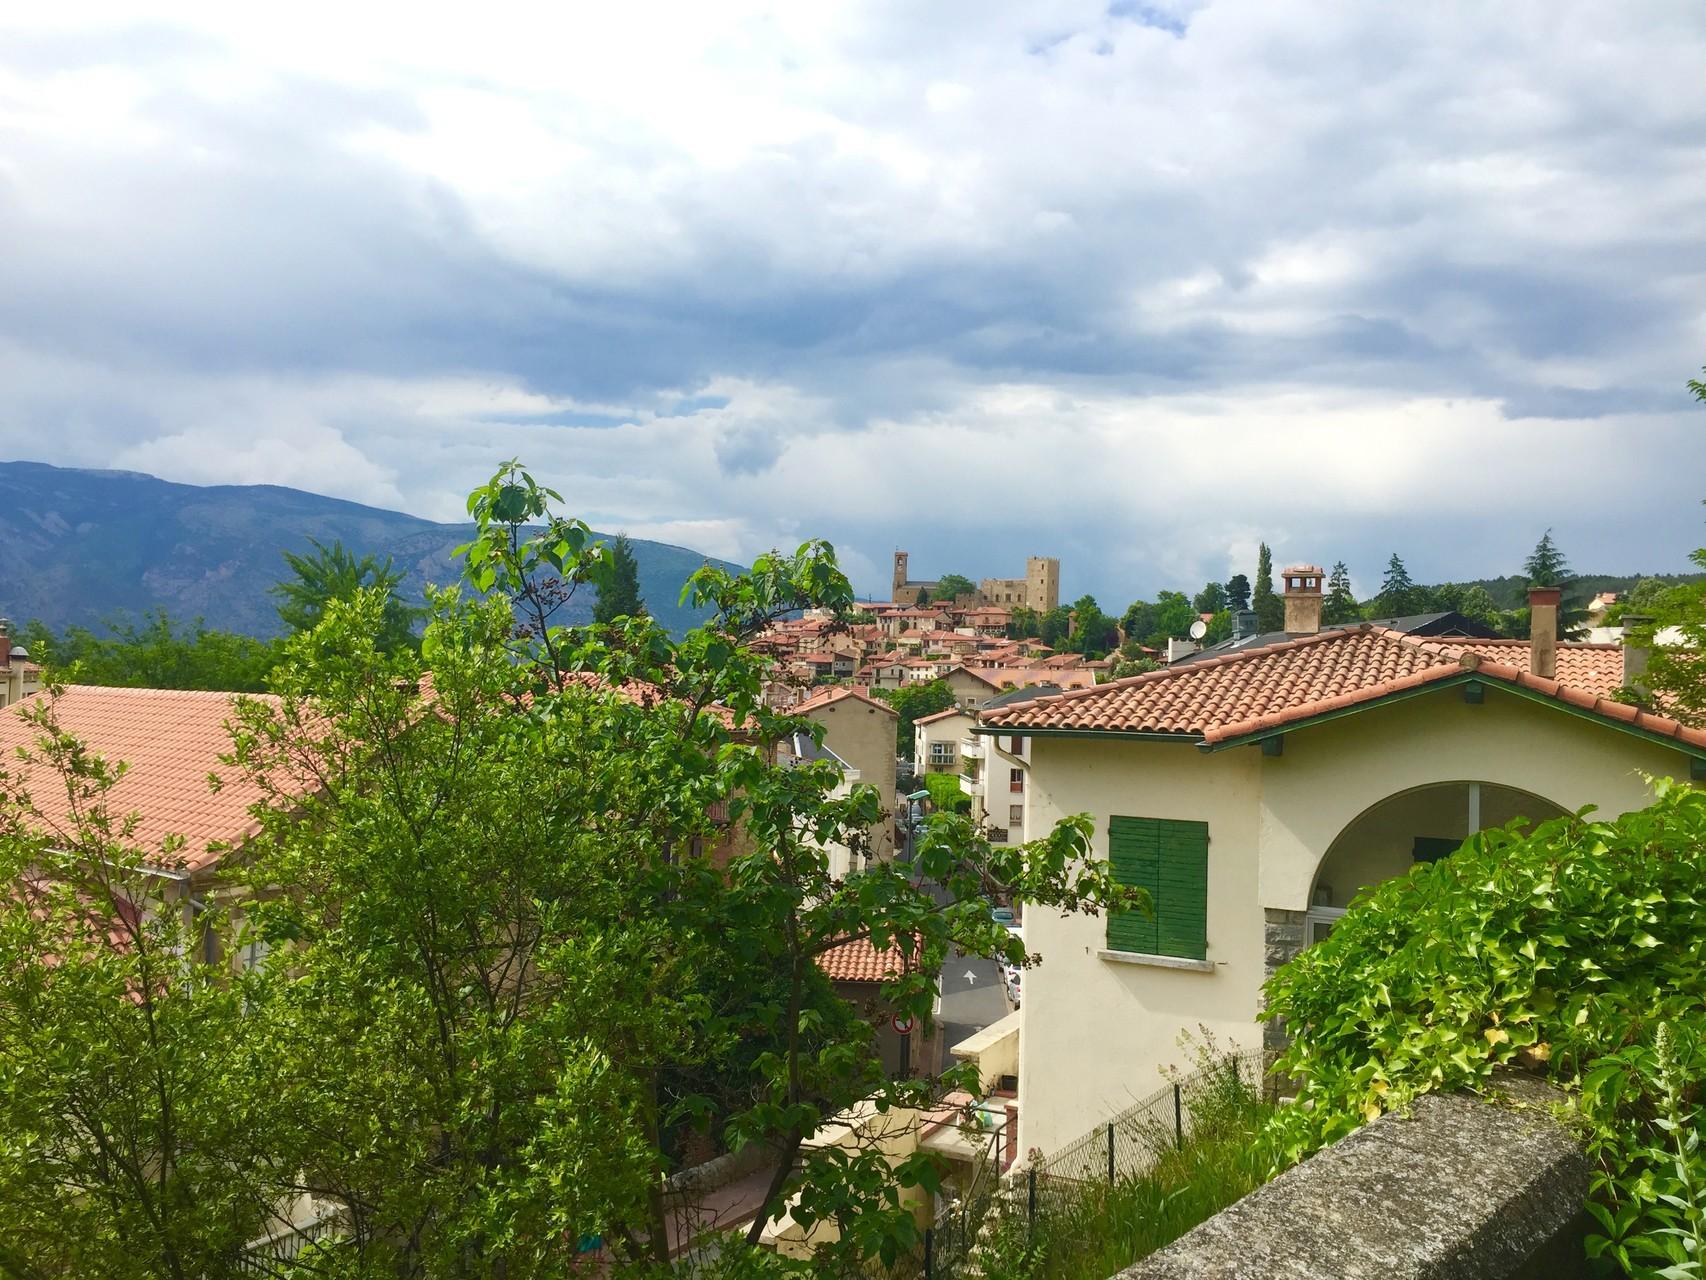 vue du vieux village